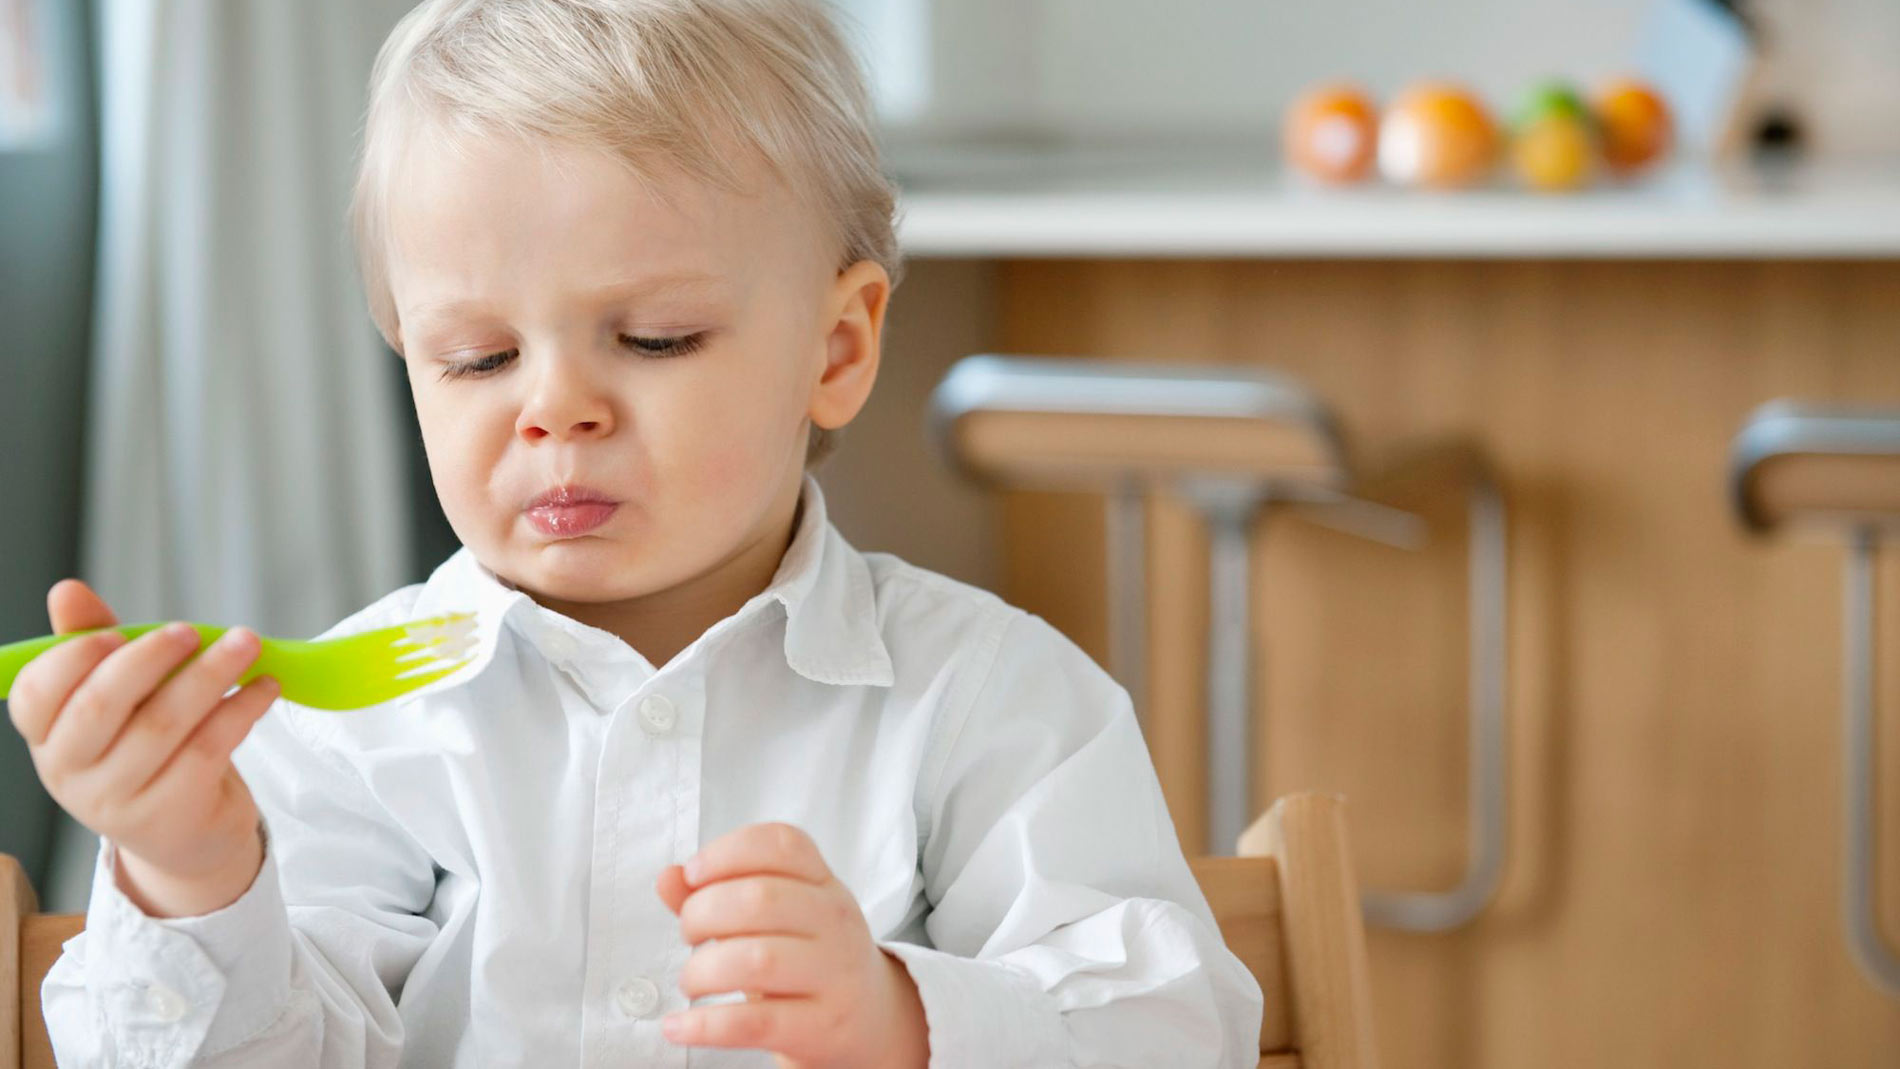 دلیل اختلال بلع در کودکان و درمان آن